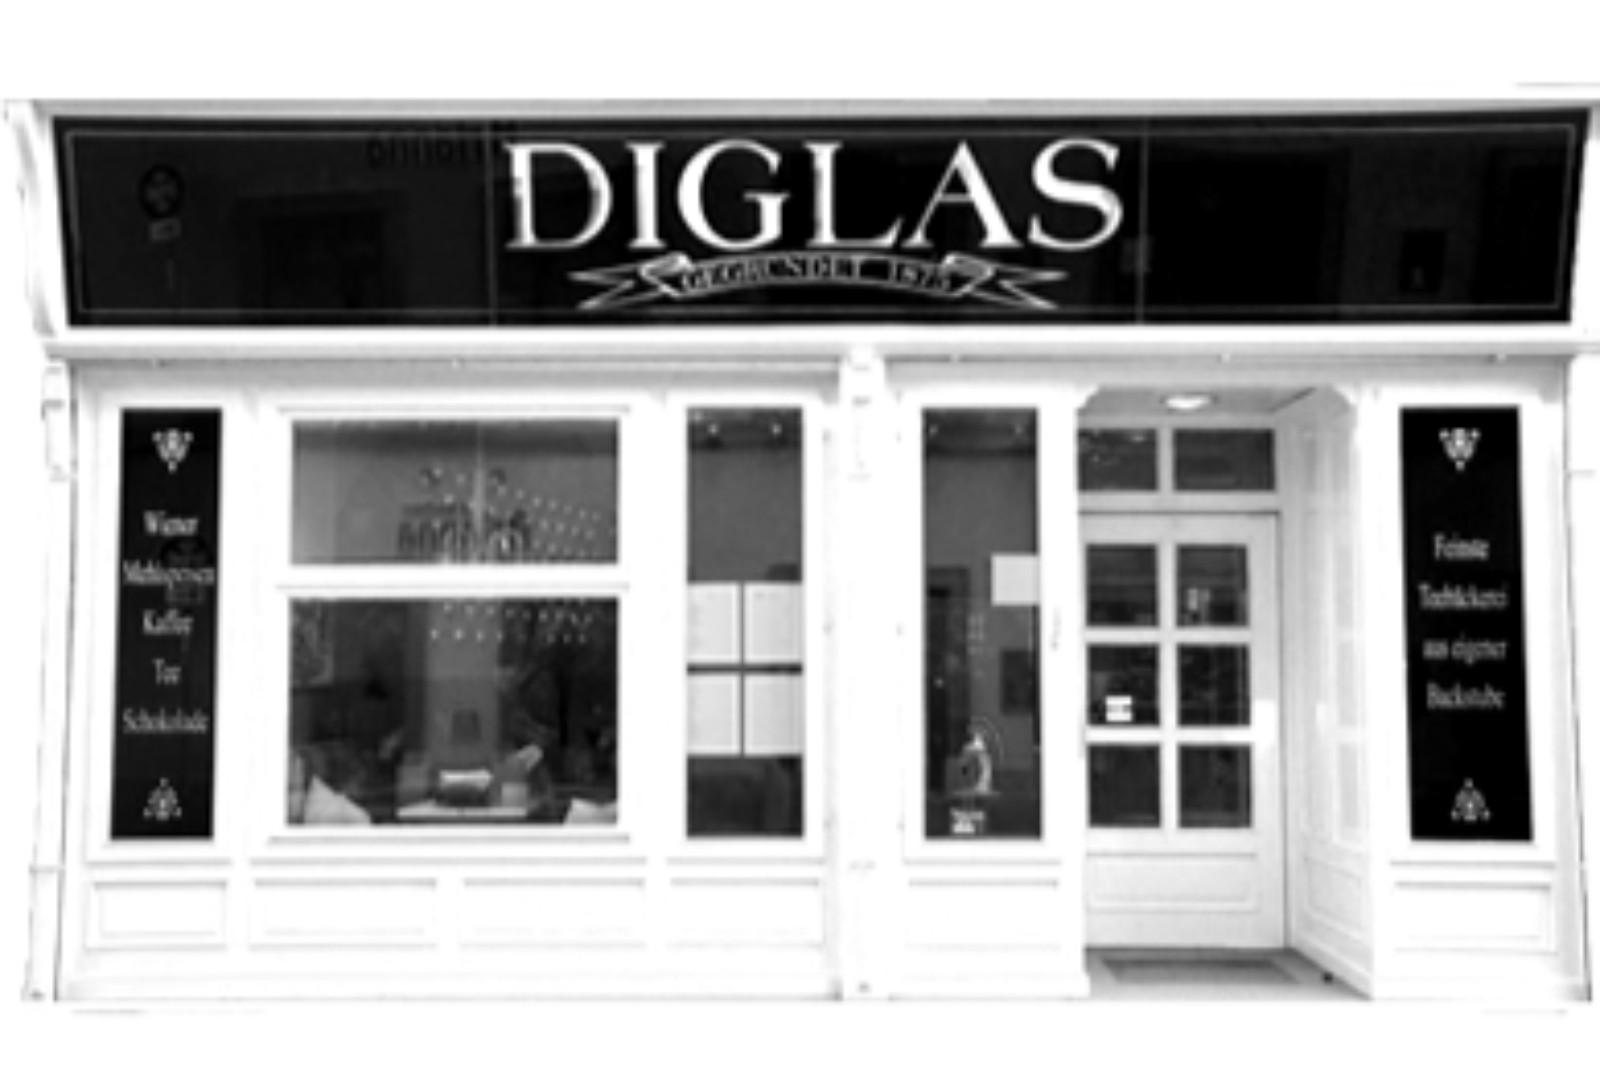 DIGLAS AM FLEISCHMARKT